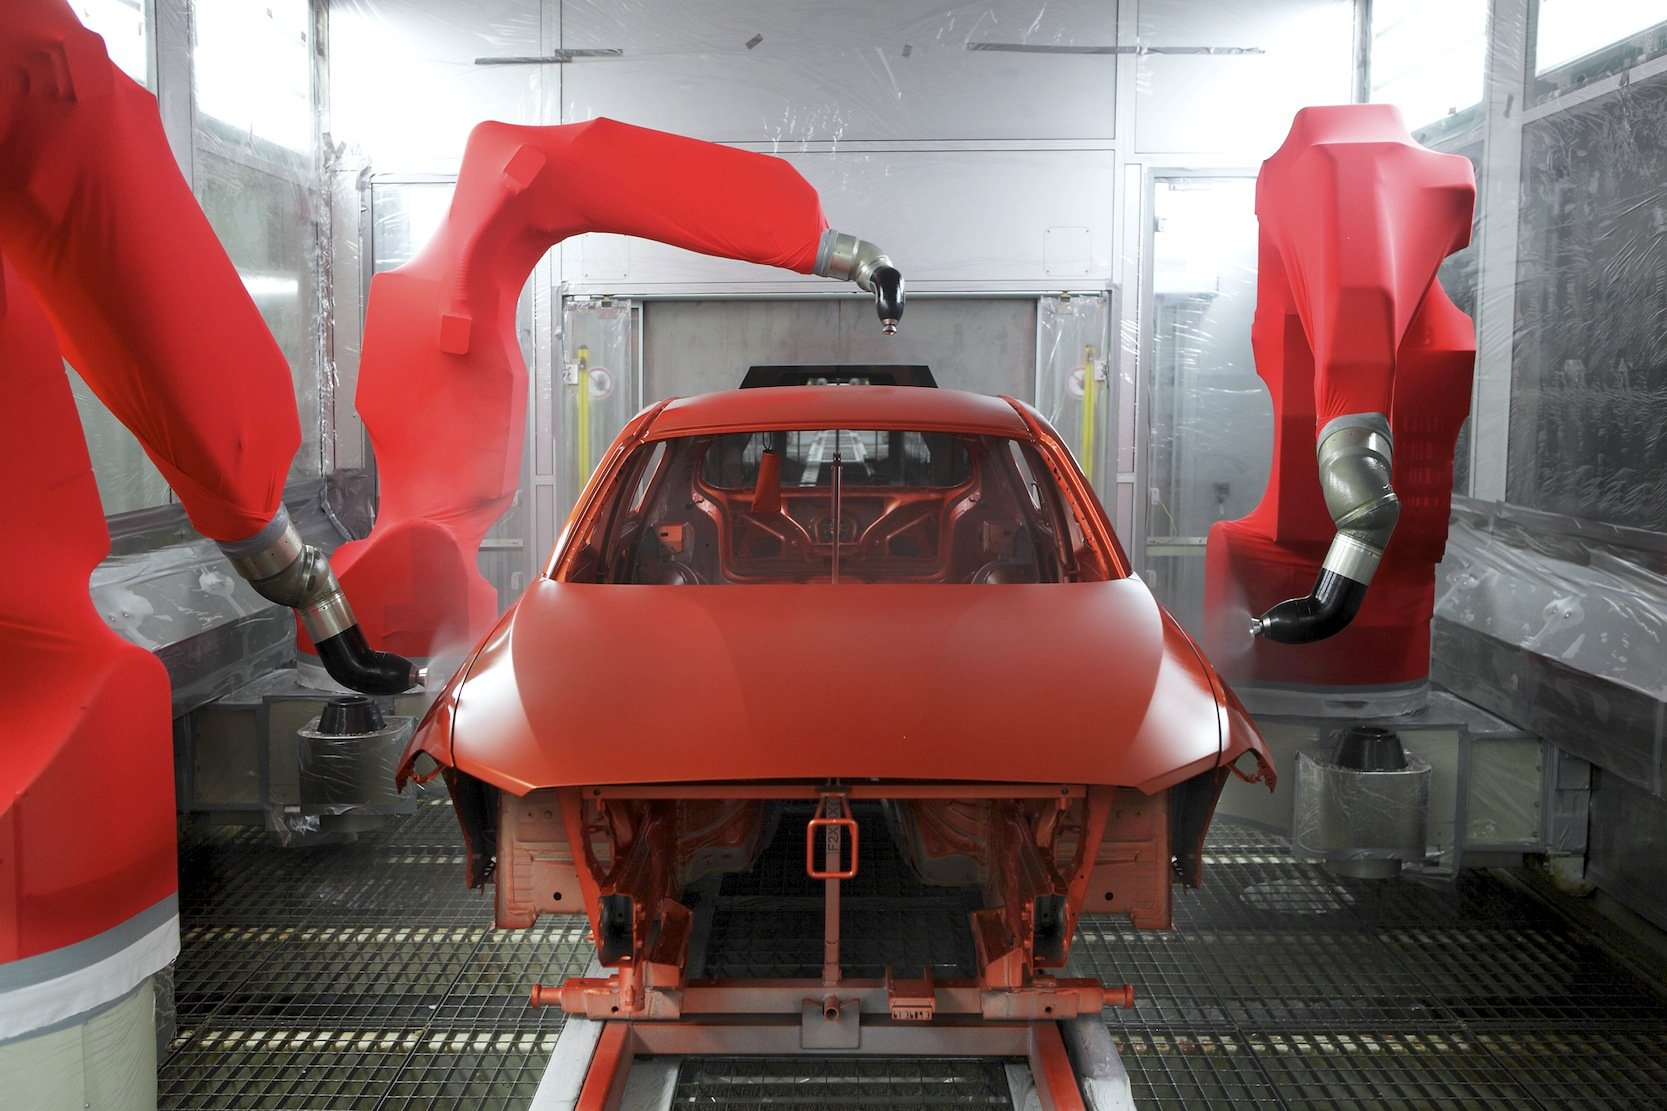 Lackiererei im BMW-Werk in Regensburg: Der neuartige Lack auf Maisbasis ist so elastisch, dass er kleinere Kratzer selbst reparieren kann.